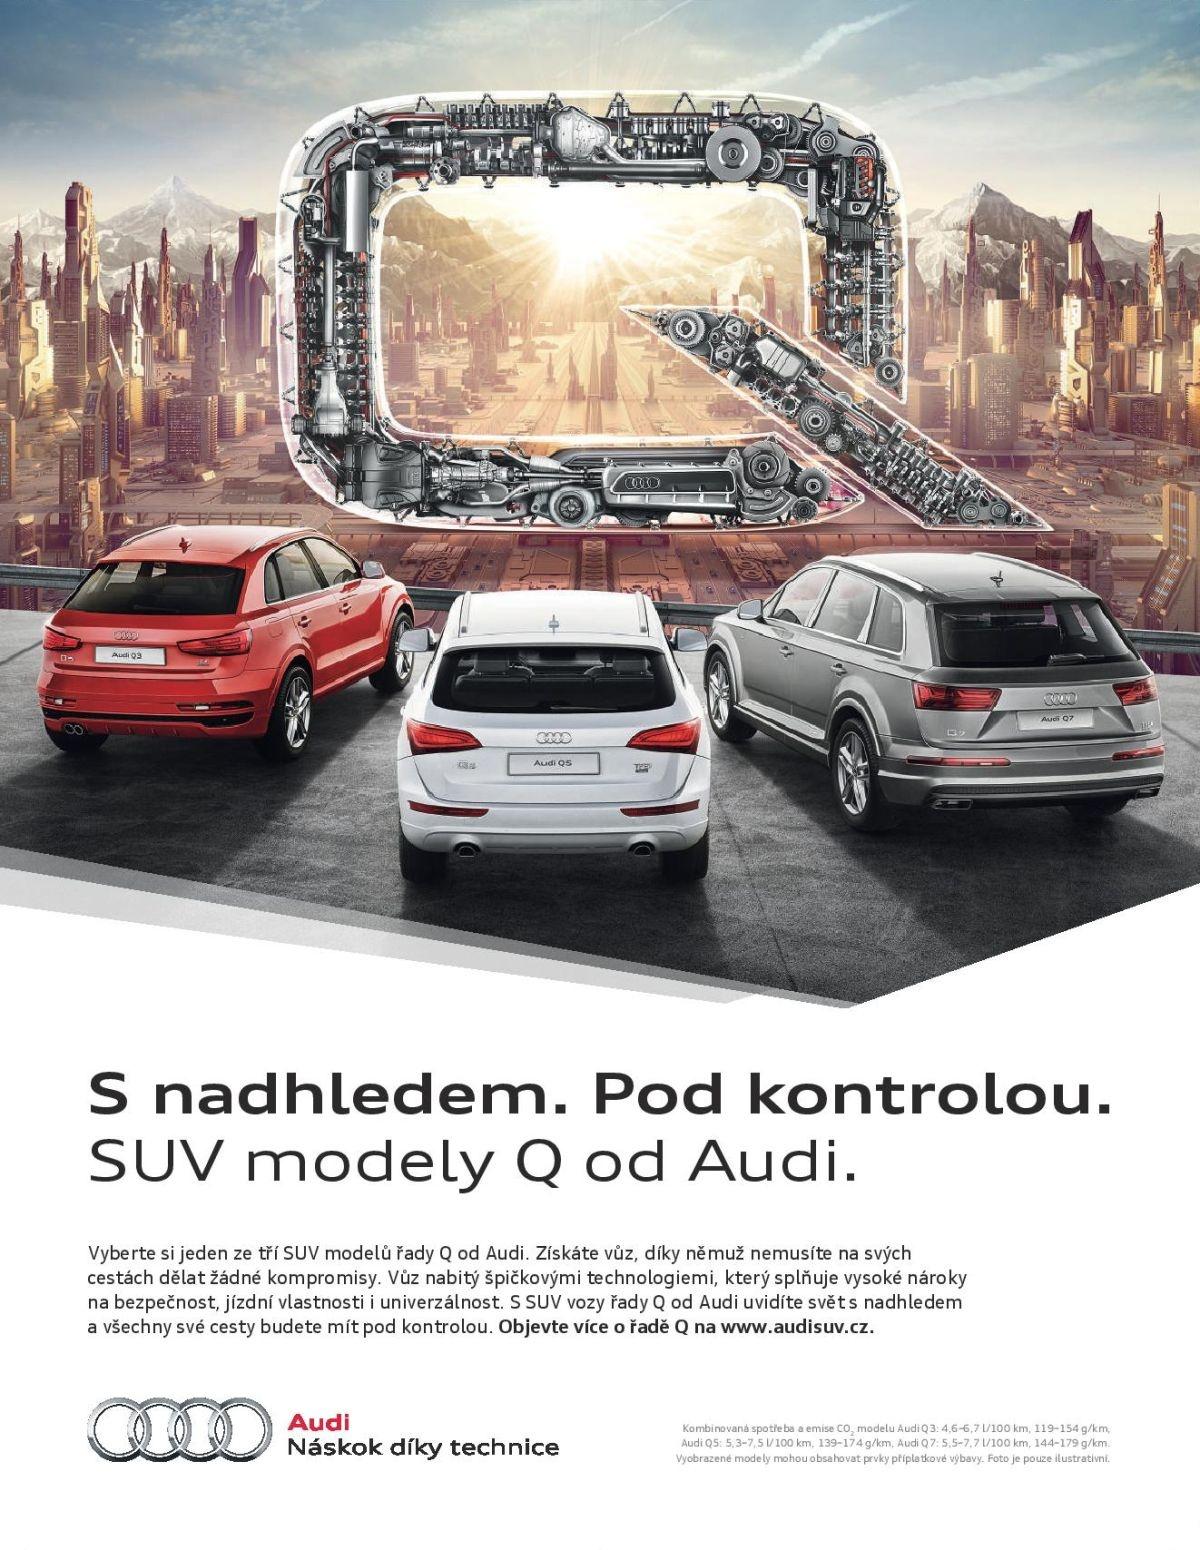 Modely Q od Audi